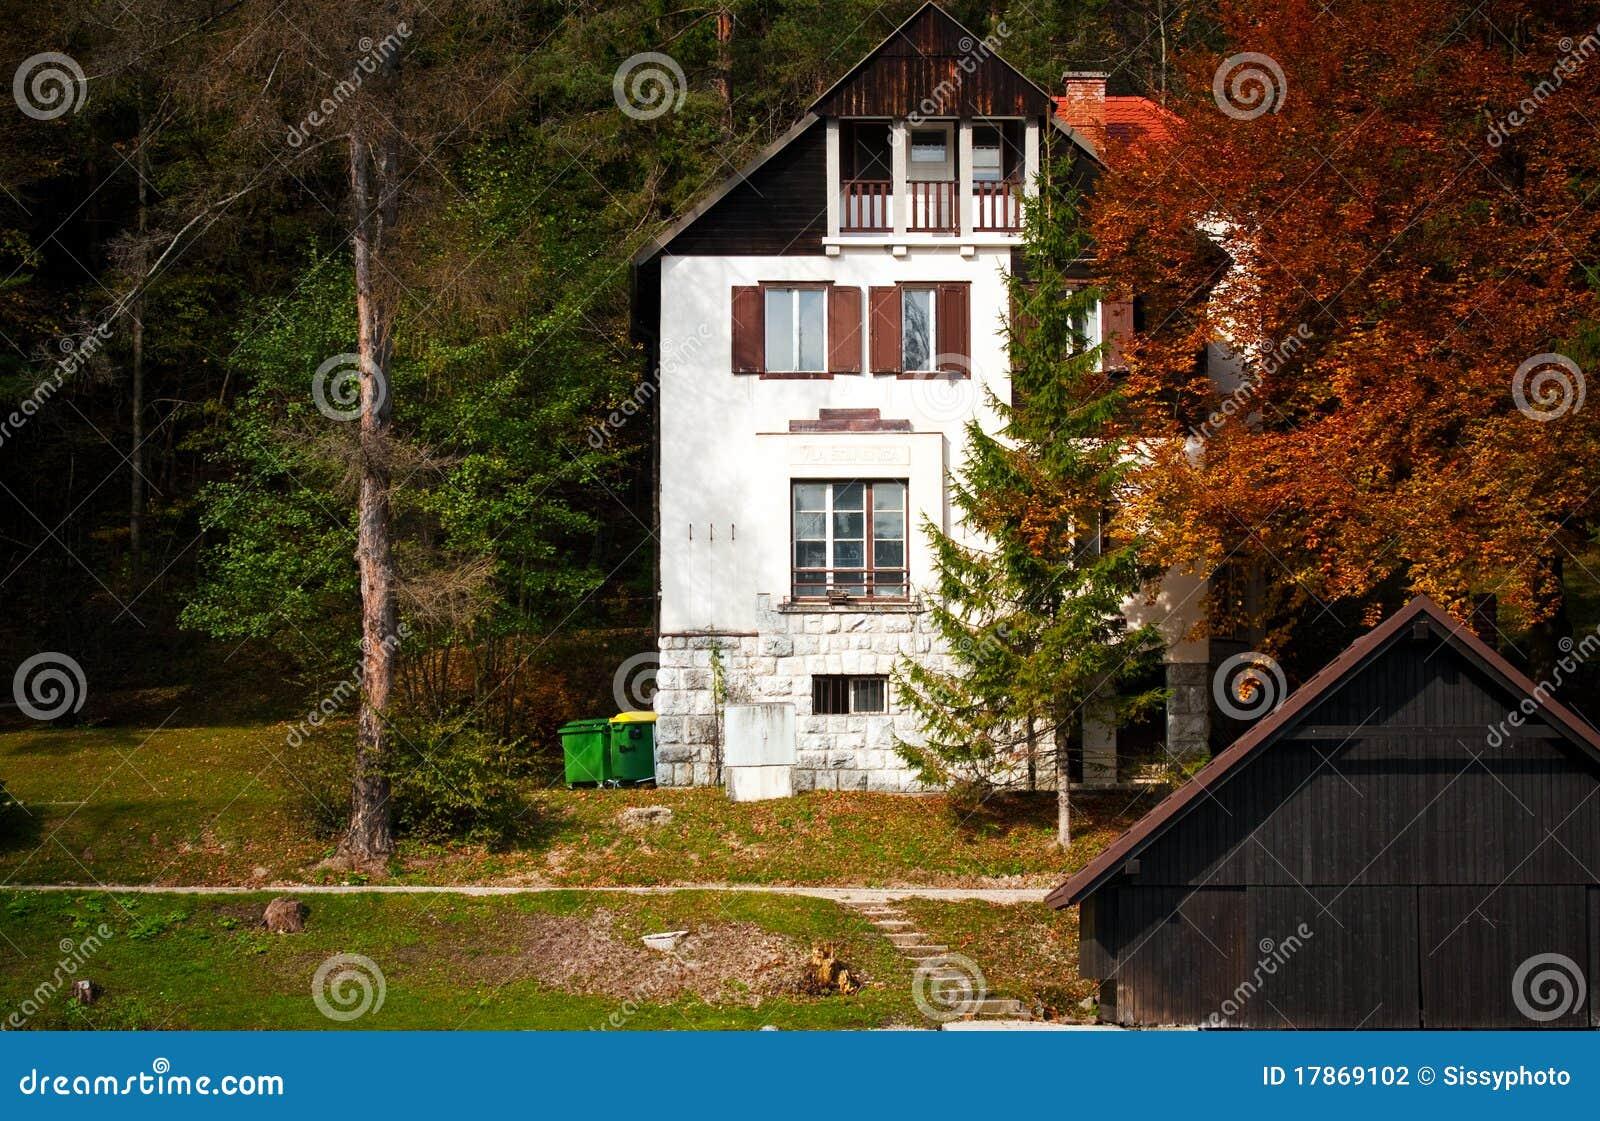 petite maison de campagne photo stock image du paisible 17869102. Black Bedroom Furniture Sets. Home Design Ideas